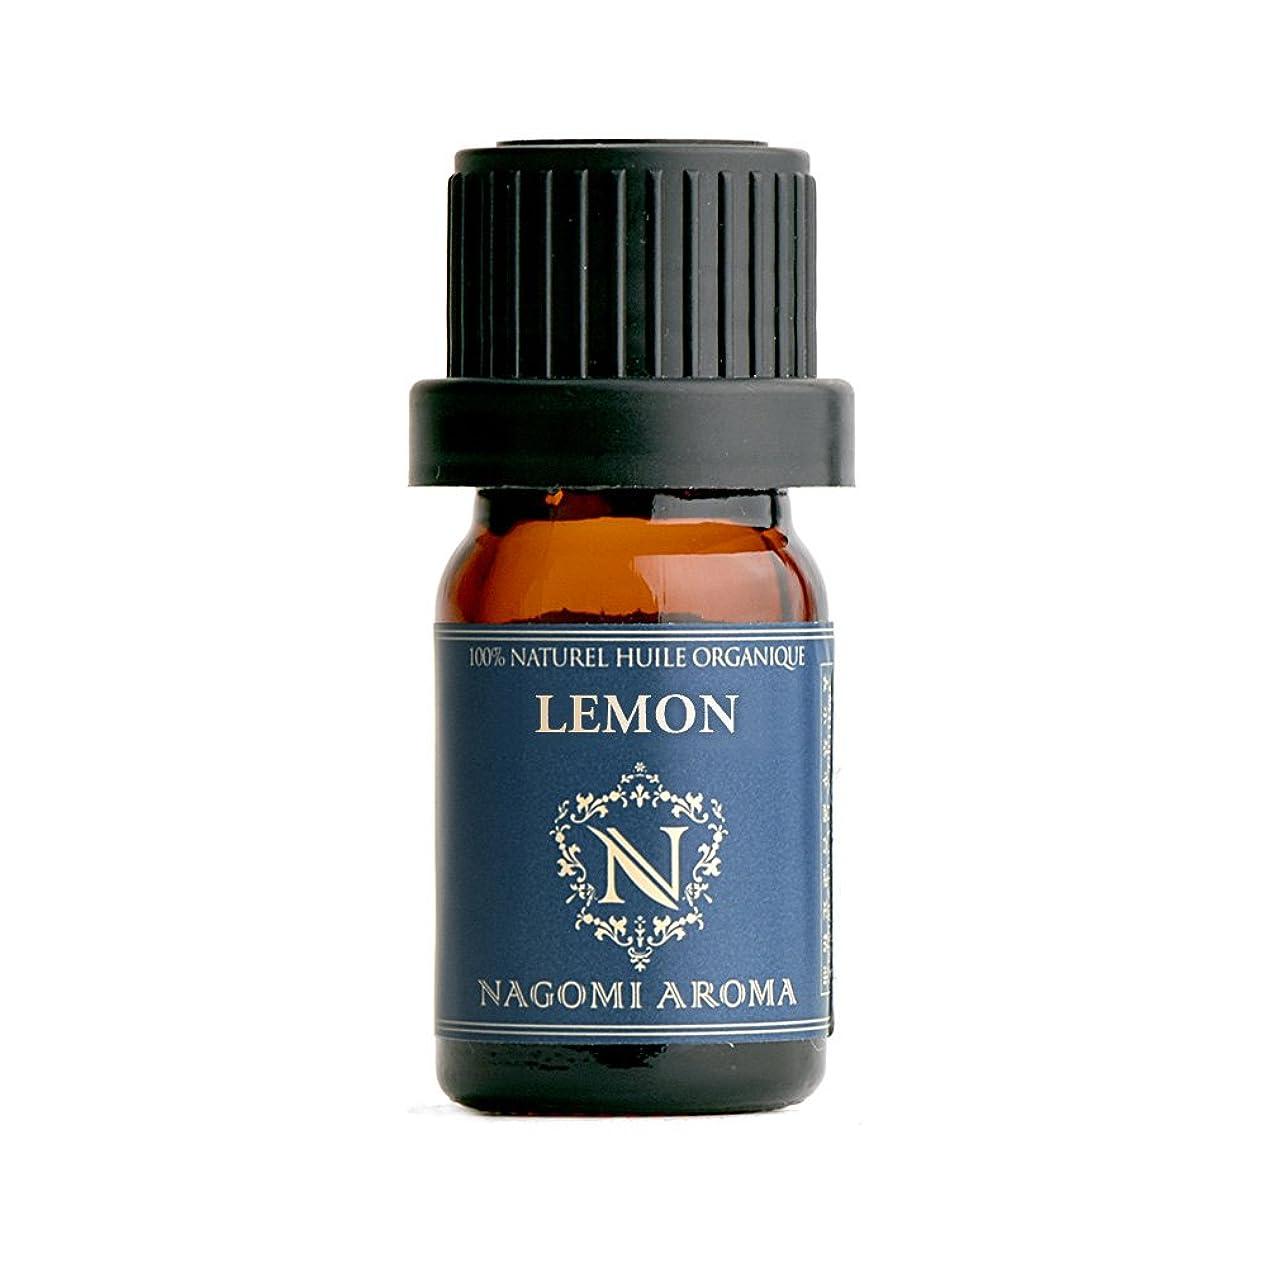 洗練コロニアル結婚NAGOMI AROMA オーガニック レモン 5ml 【AEAJ認定精油】【アロマオイル】